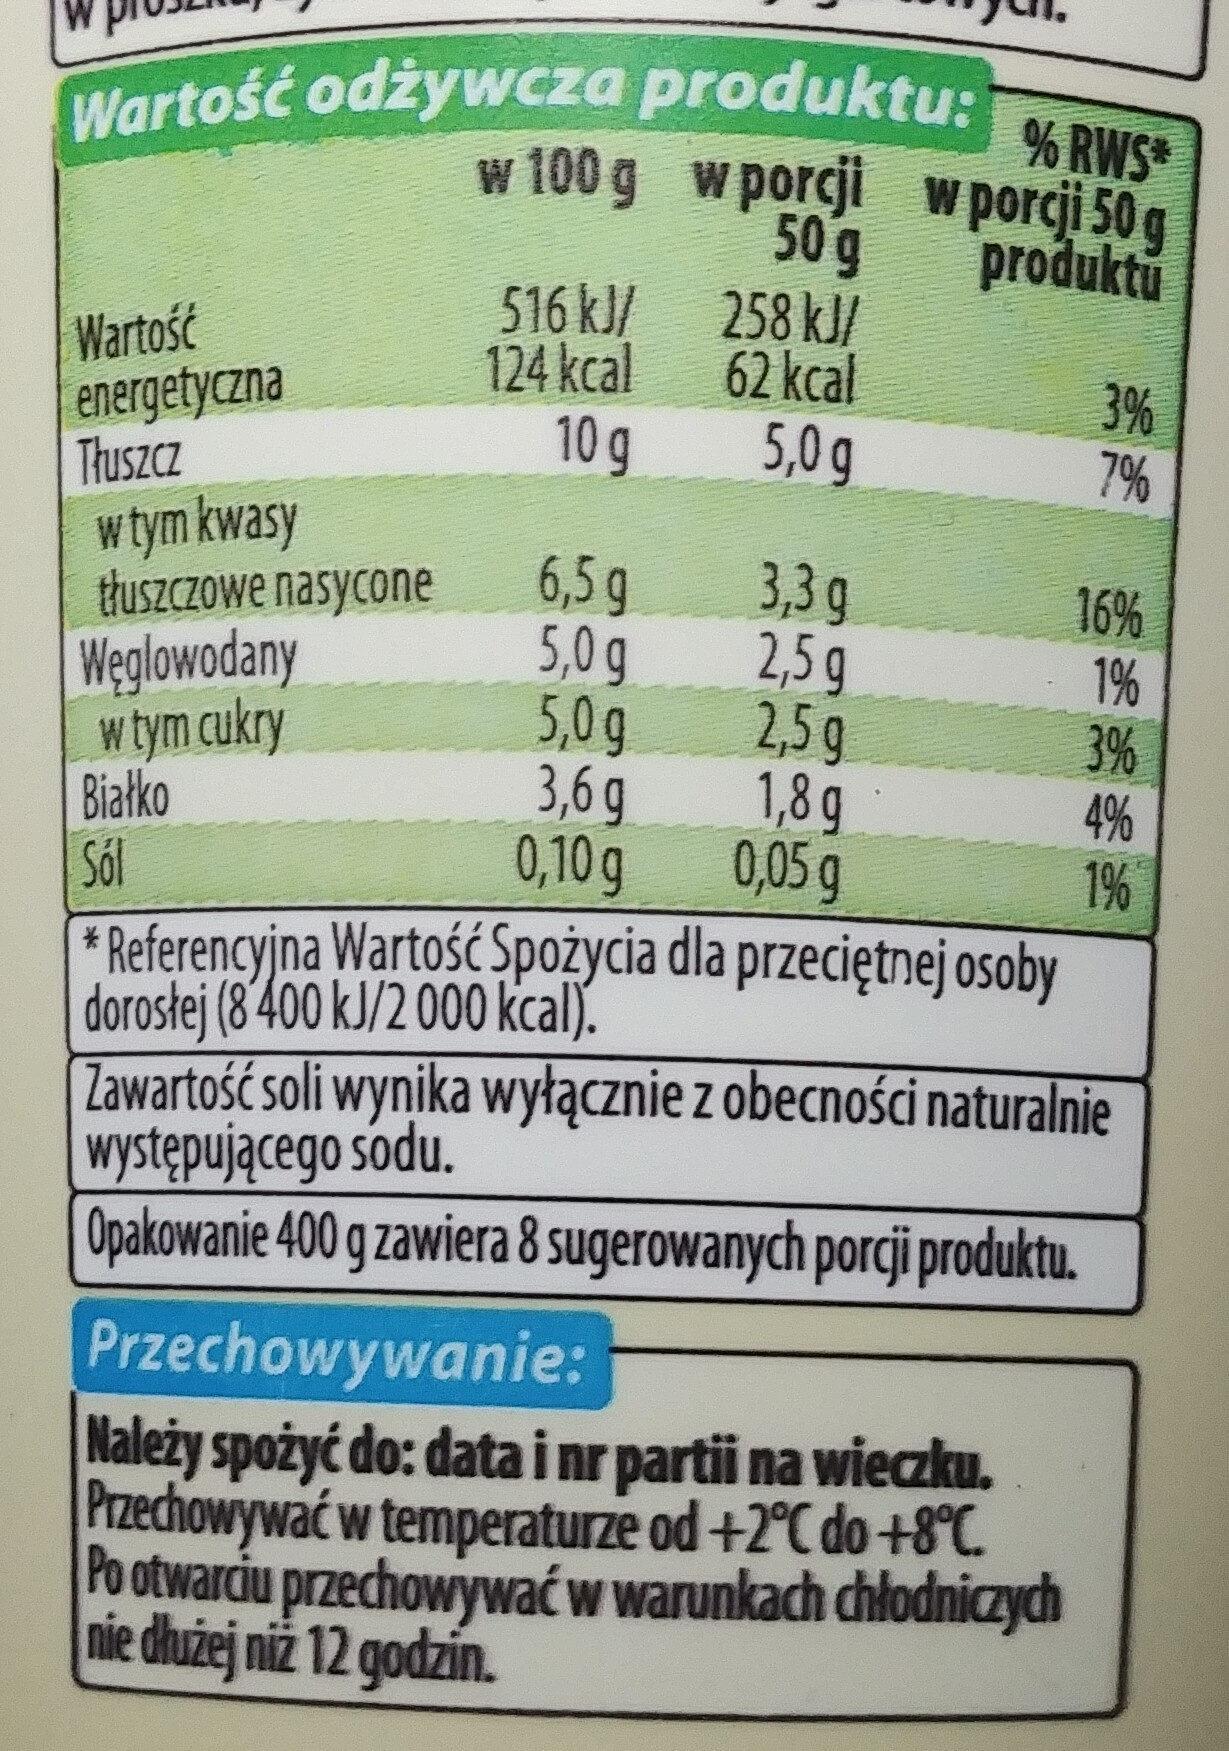 Jogurt naturalny typu greckiego - Wartości odżywcze - pl